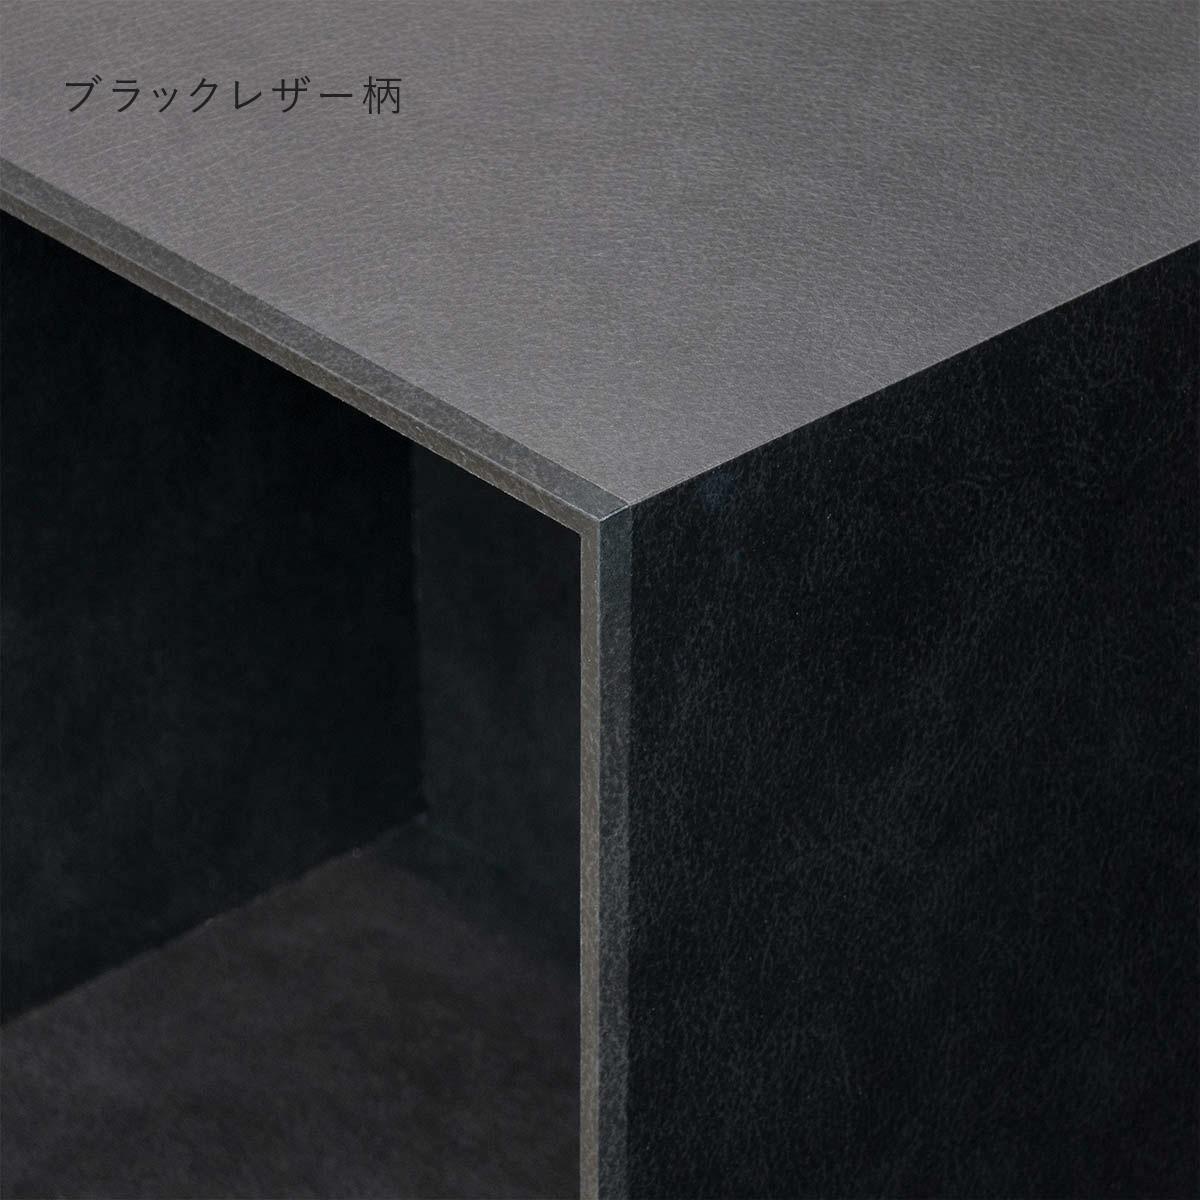 【 V-TISS LIGHT #026 】 天板を活かして多種多様な組み替えを